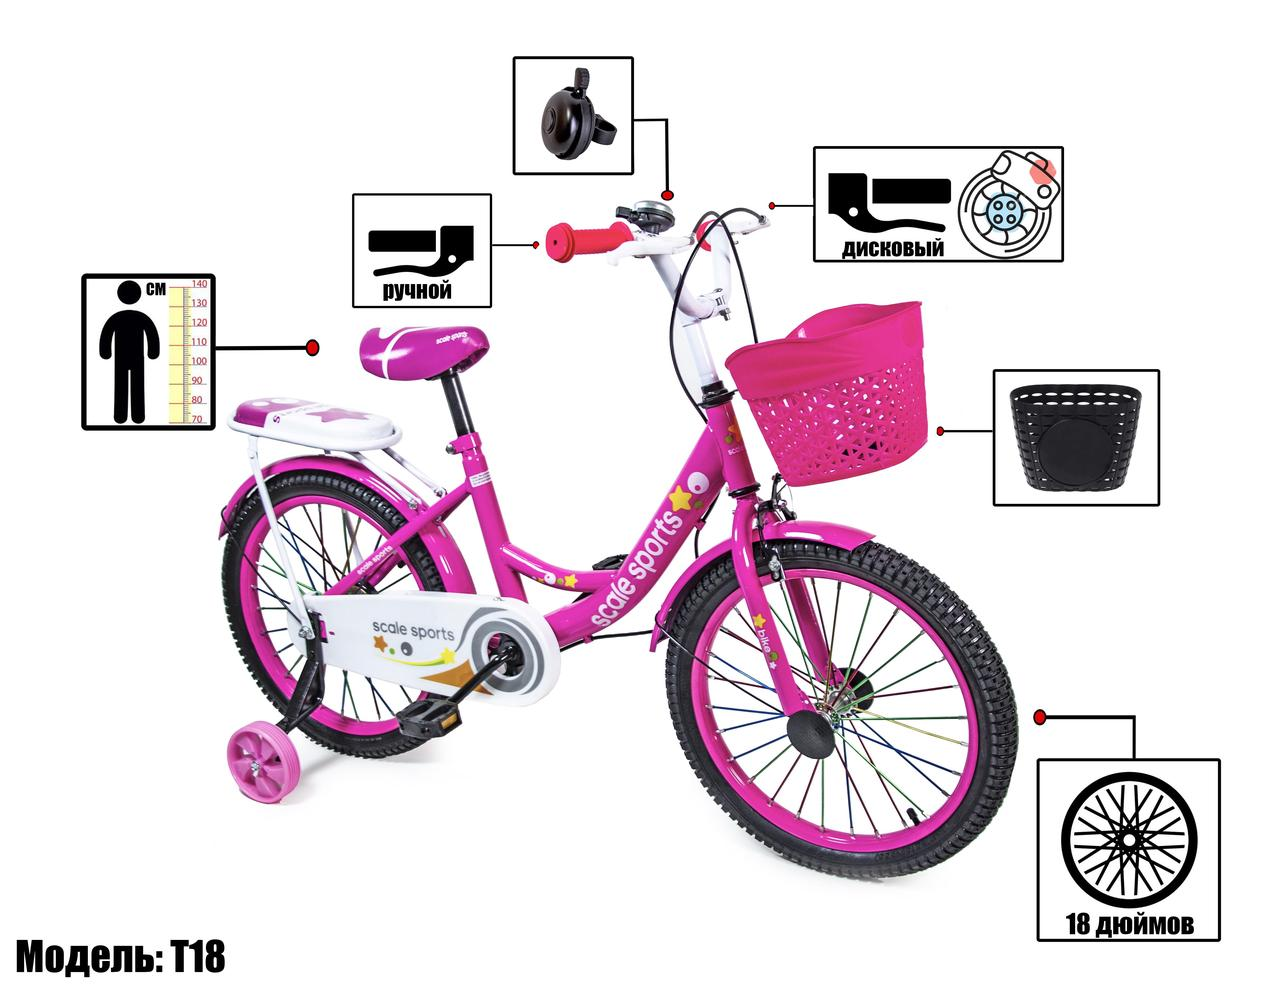 """Велосипед 18 """"Scale Sports"""" Розовый T18, Ручной и Дисковый"""